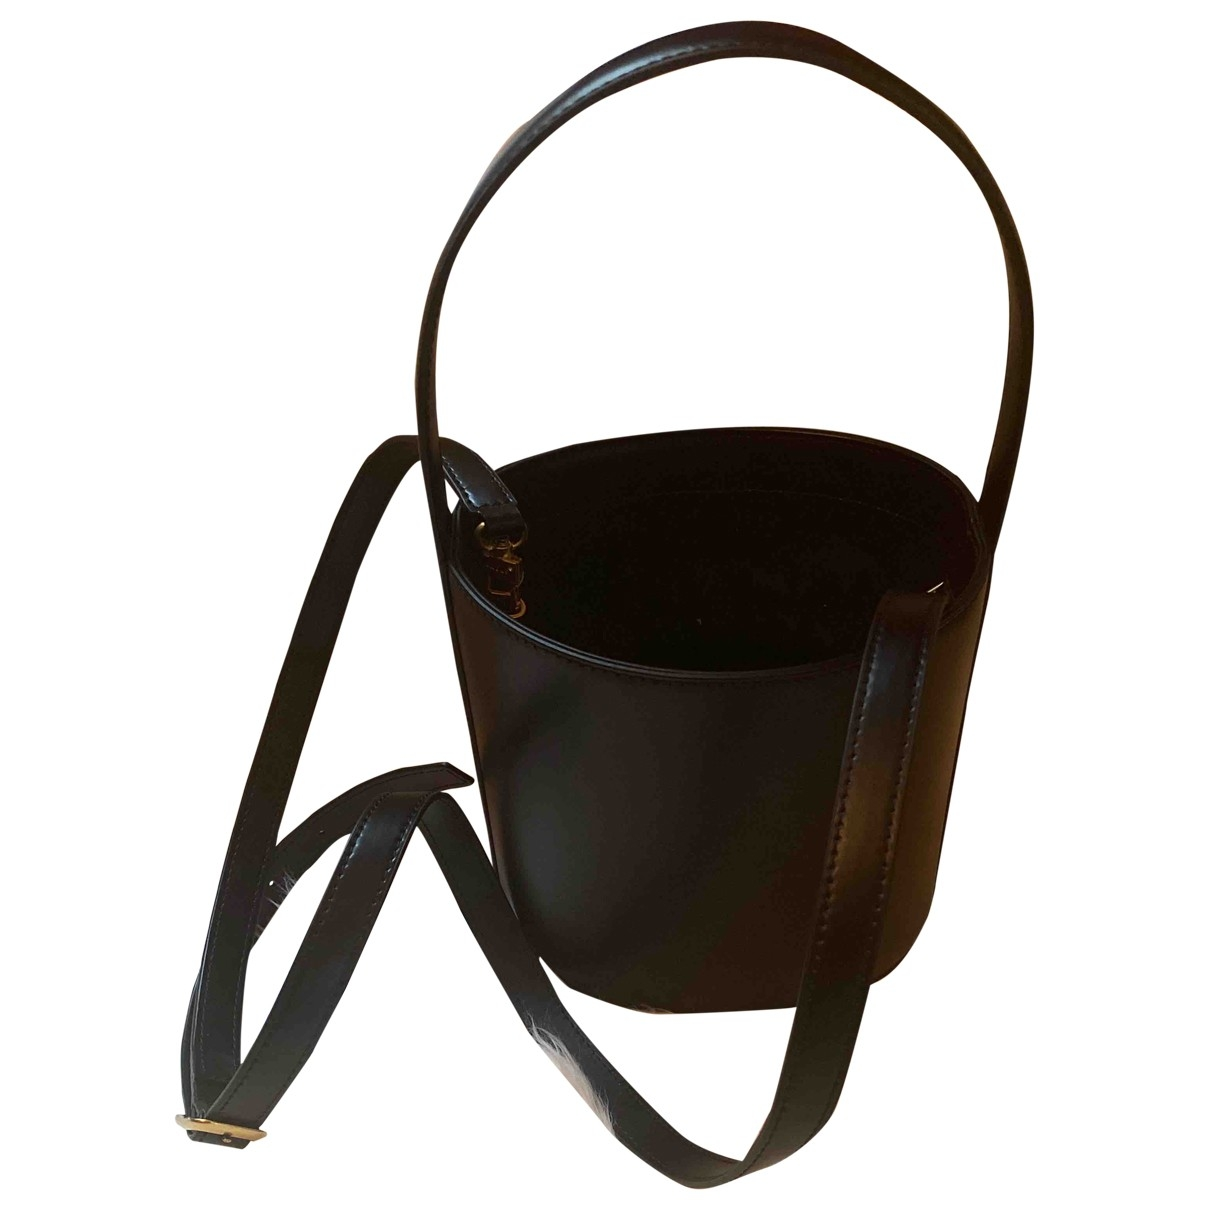 Staud - Sac a main Bisset pour femme en cuir - noir